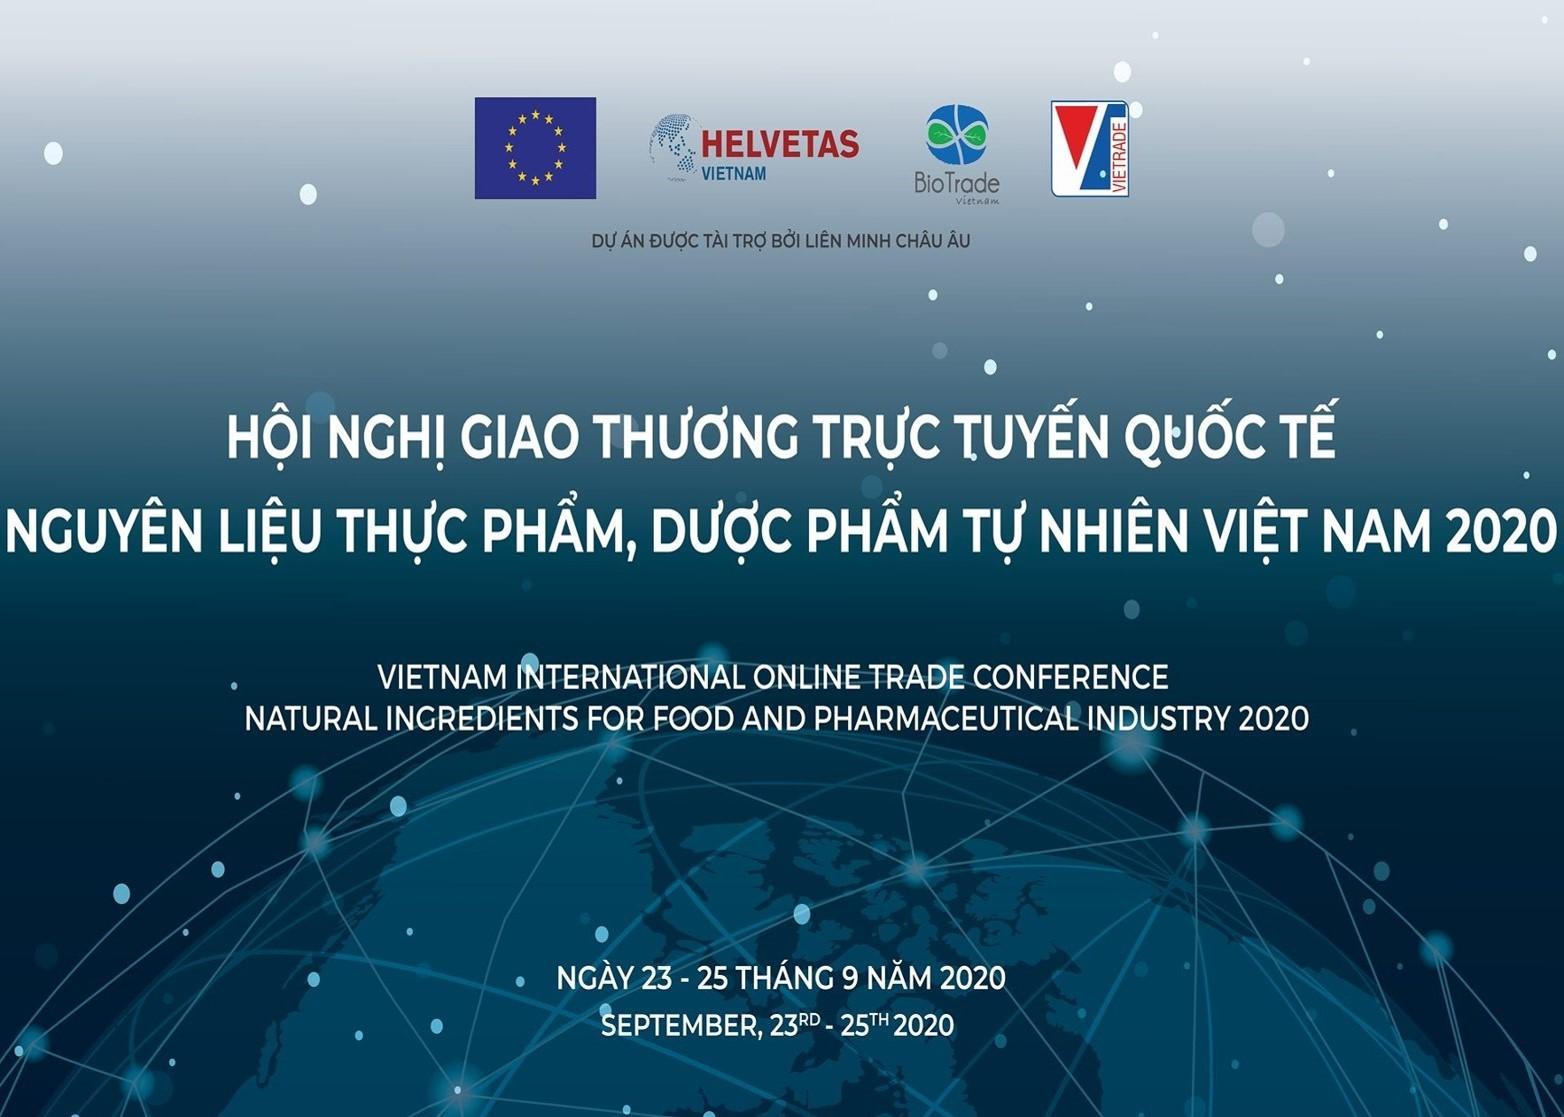 Visimex tham gia Hội nghị giao thương trực tuyến quốc tế nguyên liệu thực phẩm và dược phẩm tự nhiên Việt Nam 2020